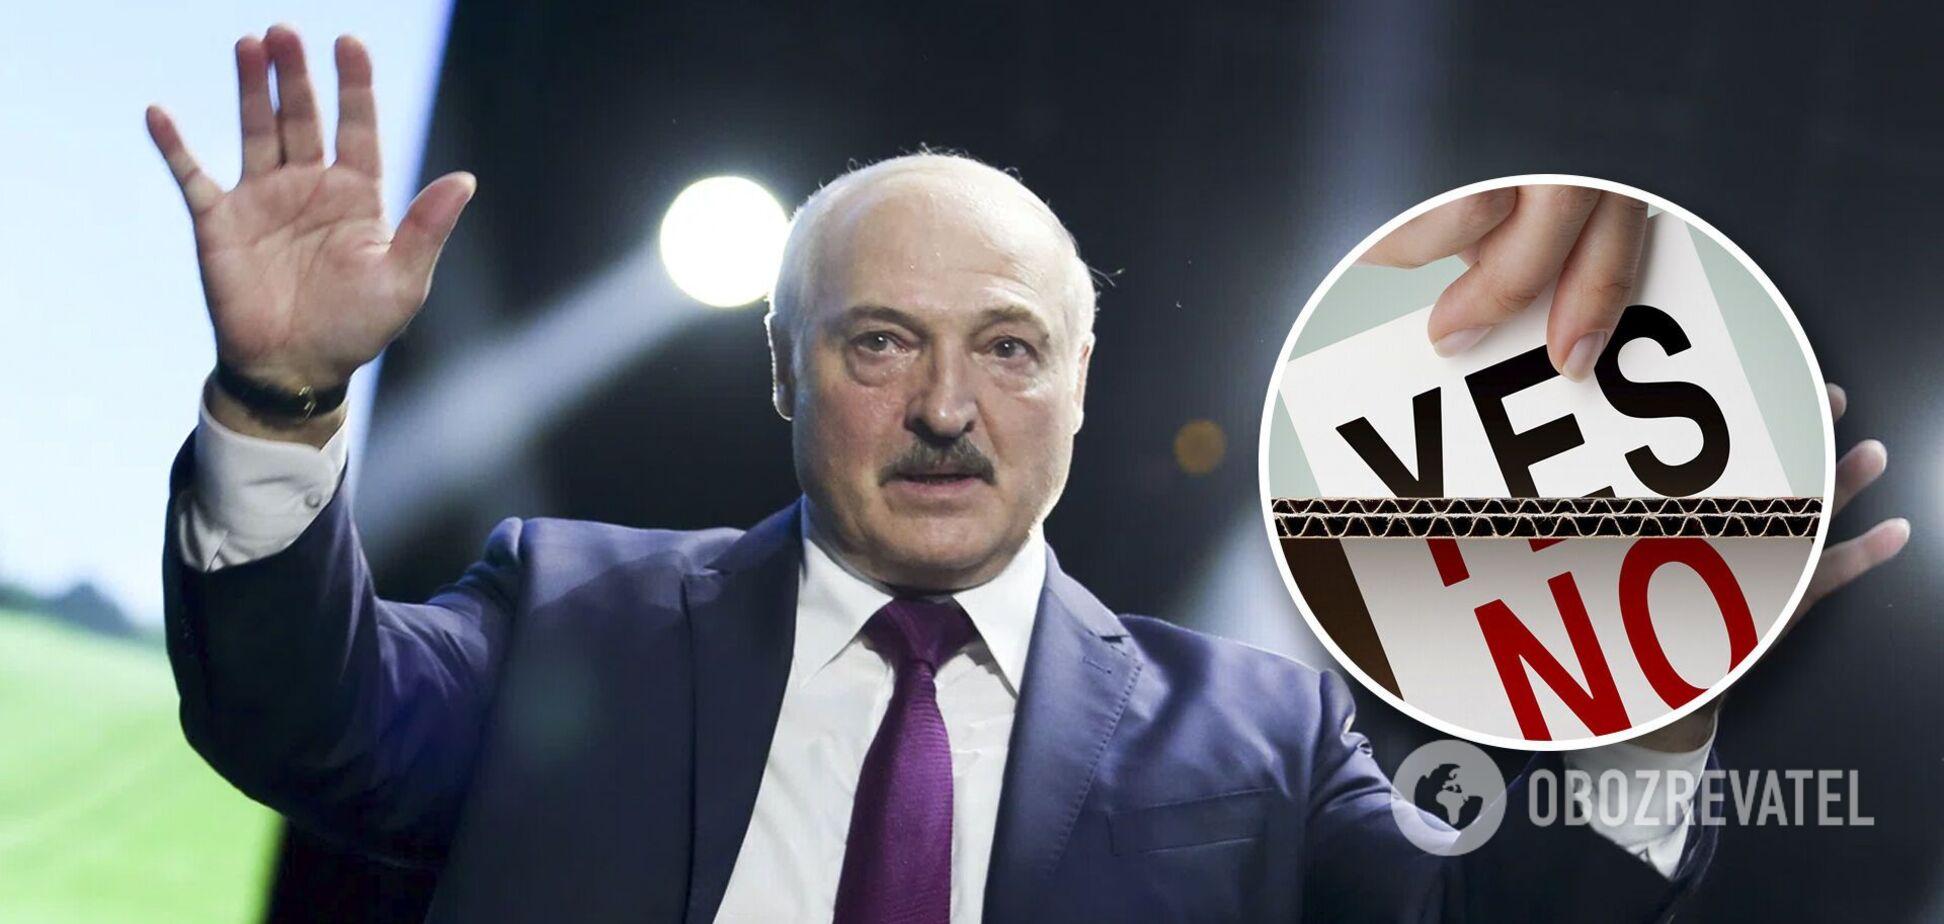 У Білорусі створили нову модель соцопитувань: Лукашенка підтримали всього 13% населення